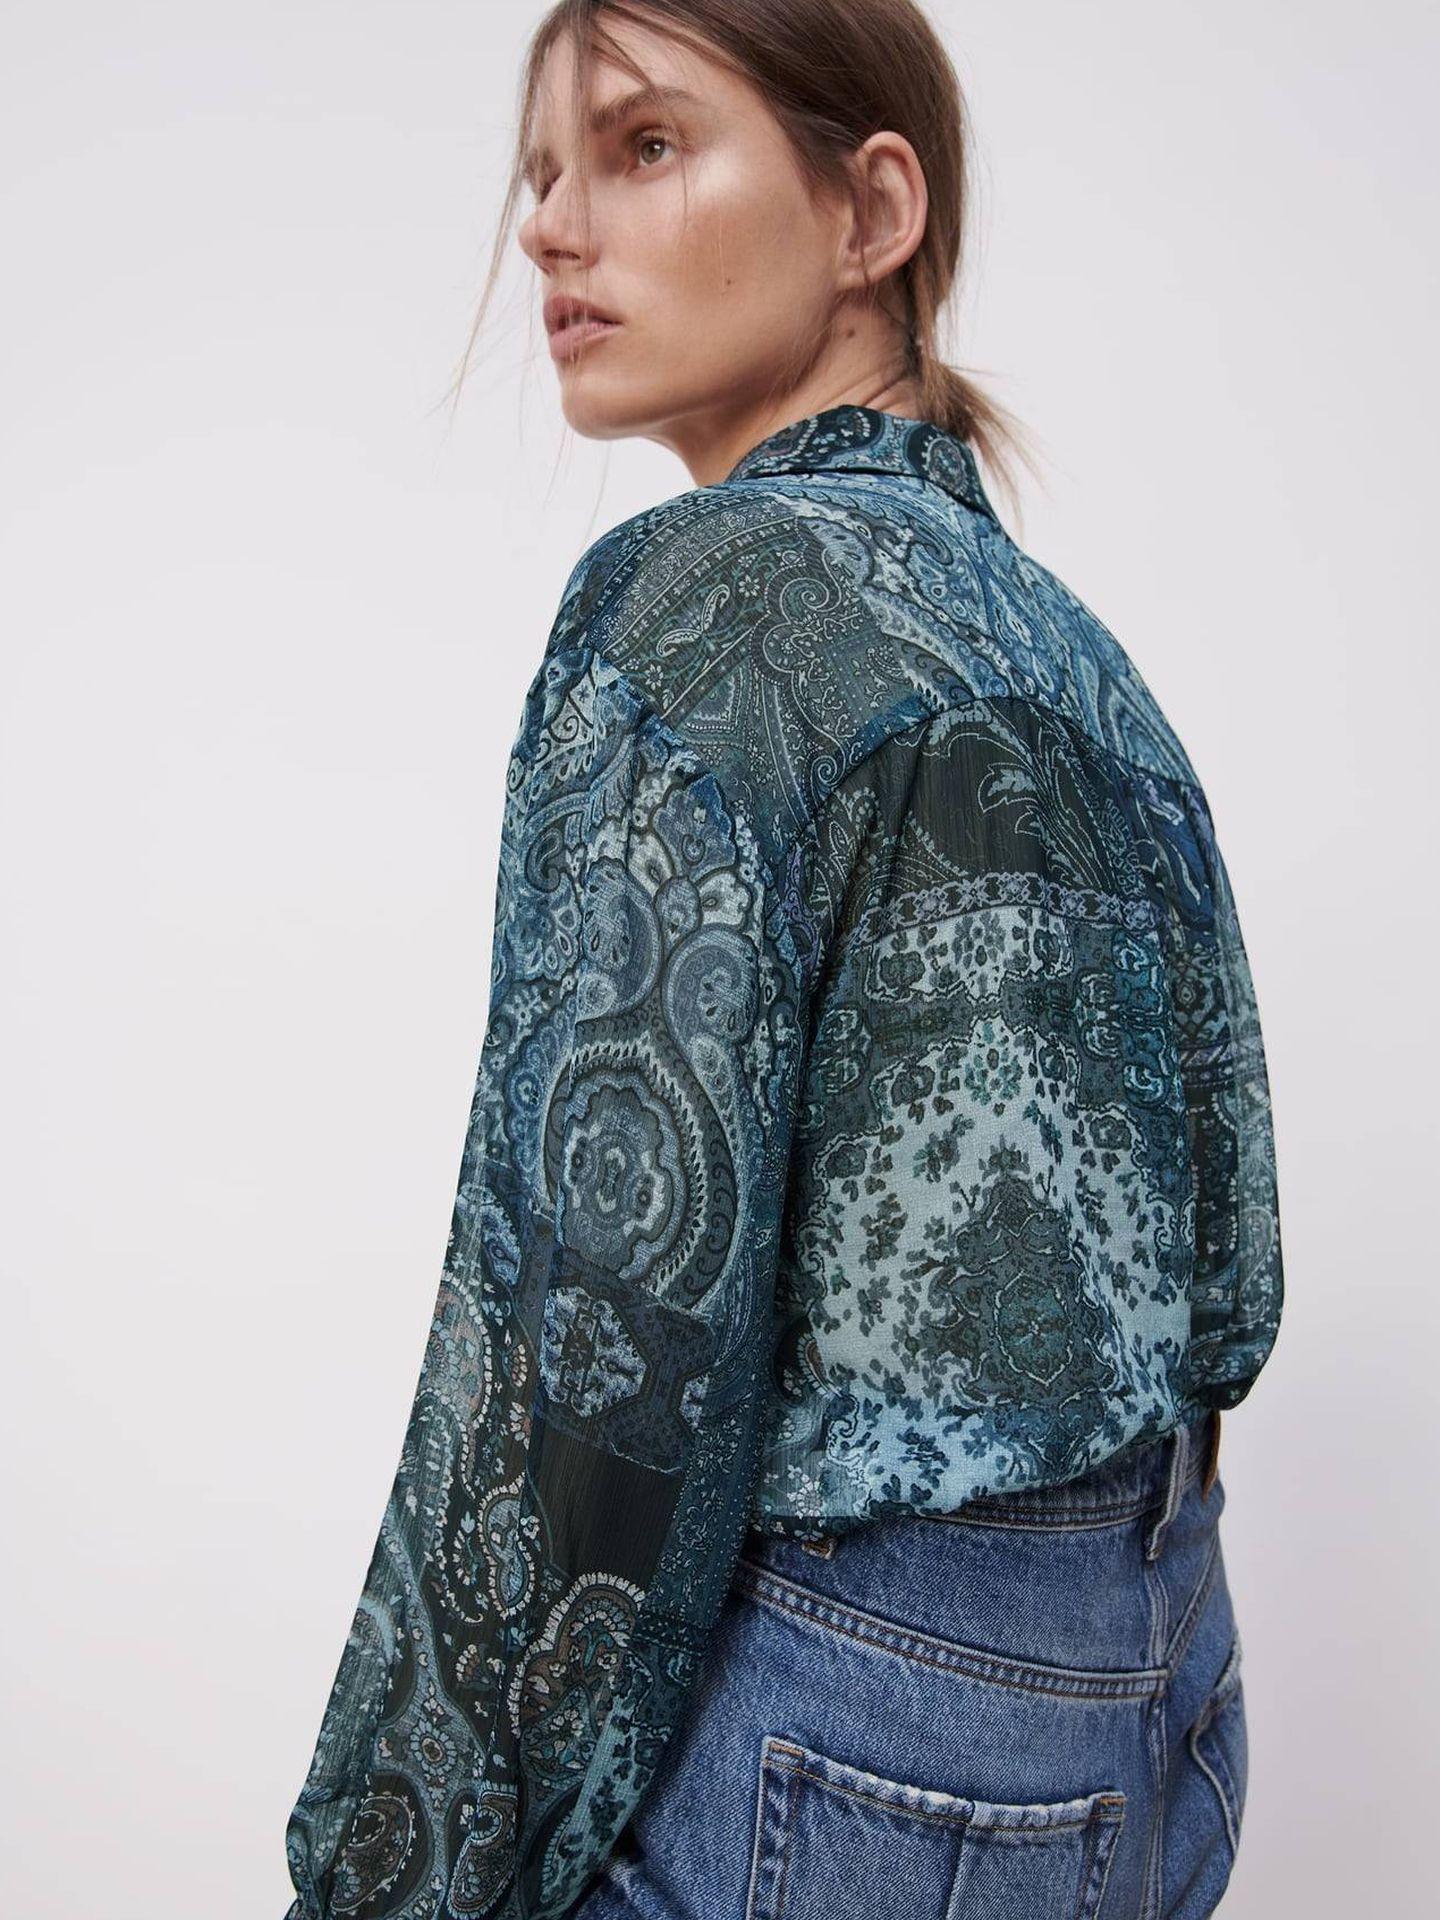 Camisa estampada de Zara. (Cortesía)